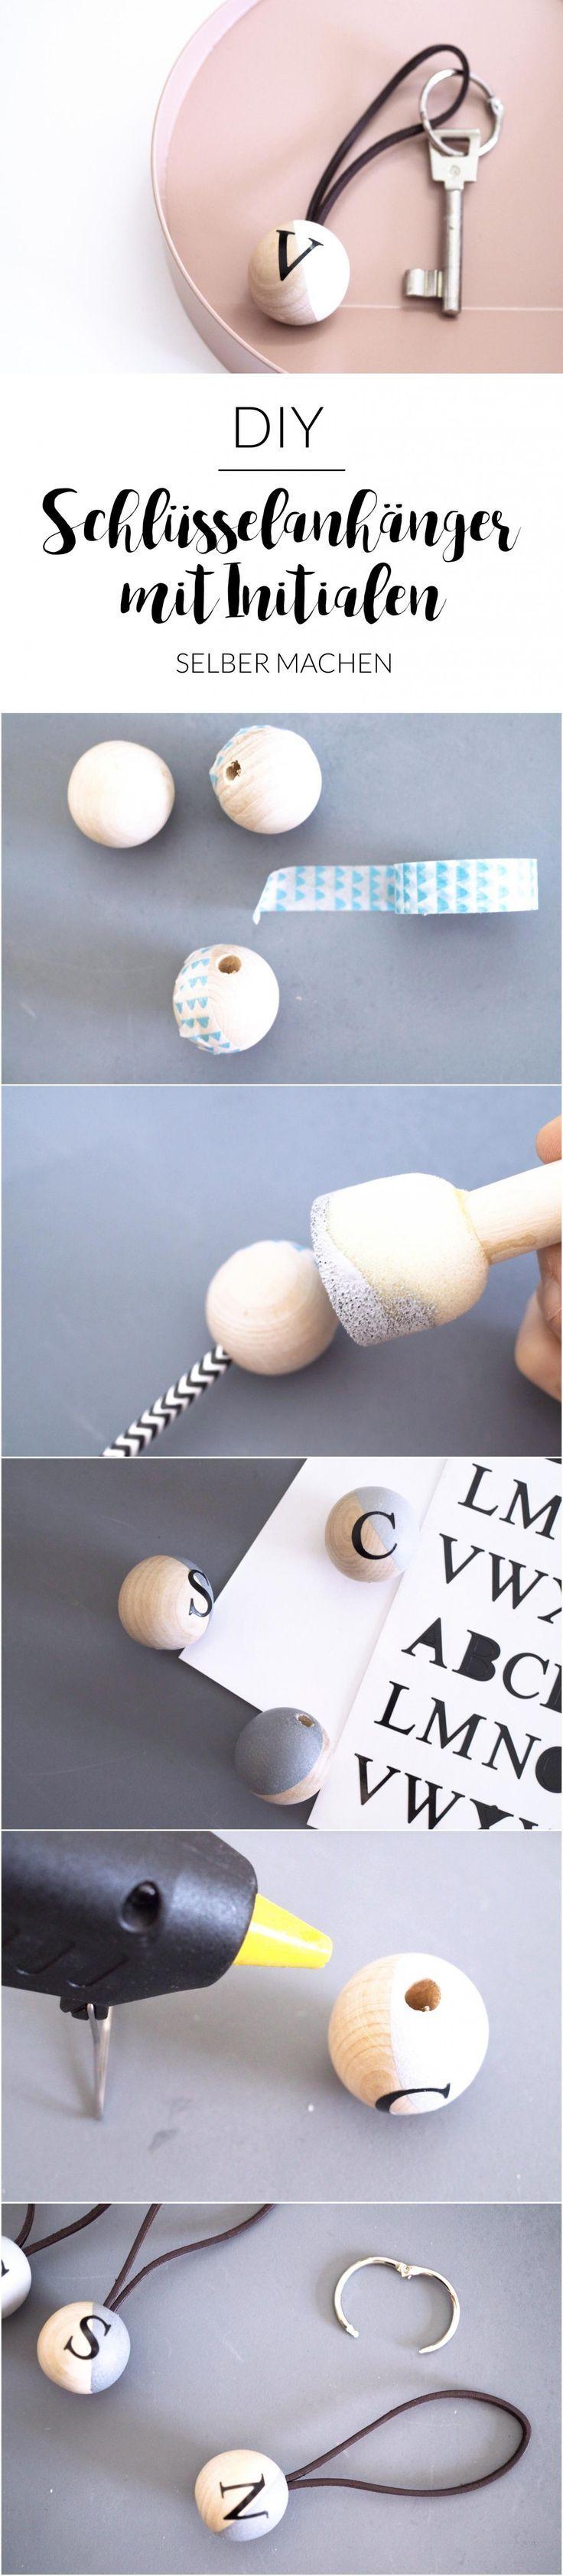 DIY Schlüsselanhänger mit Initialen | Schlüsselanhänger selber machen | Personalisierte Schlüsselanhänger | Holz | Leder | Schlüsselanhänger mit Holzkugel | Geschenkideen | persönliches Geschenk | einfach | paulsvera